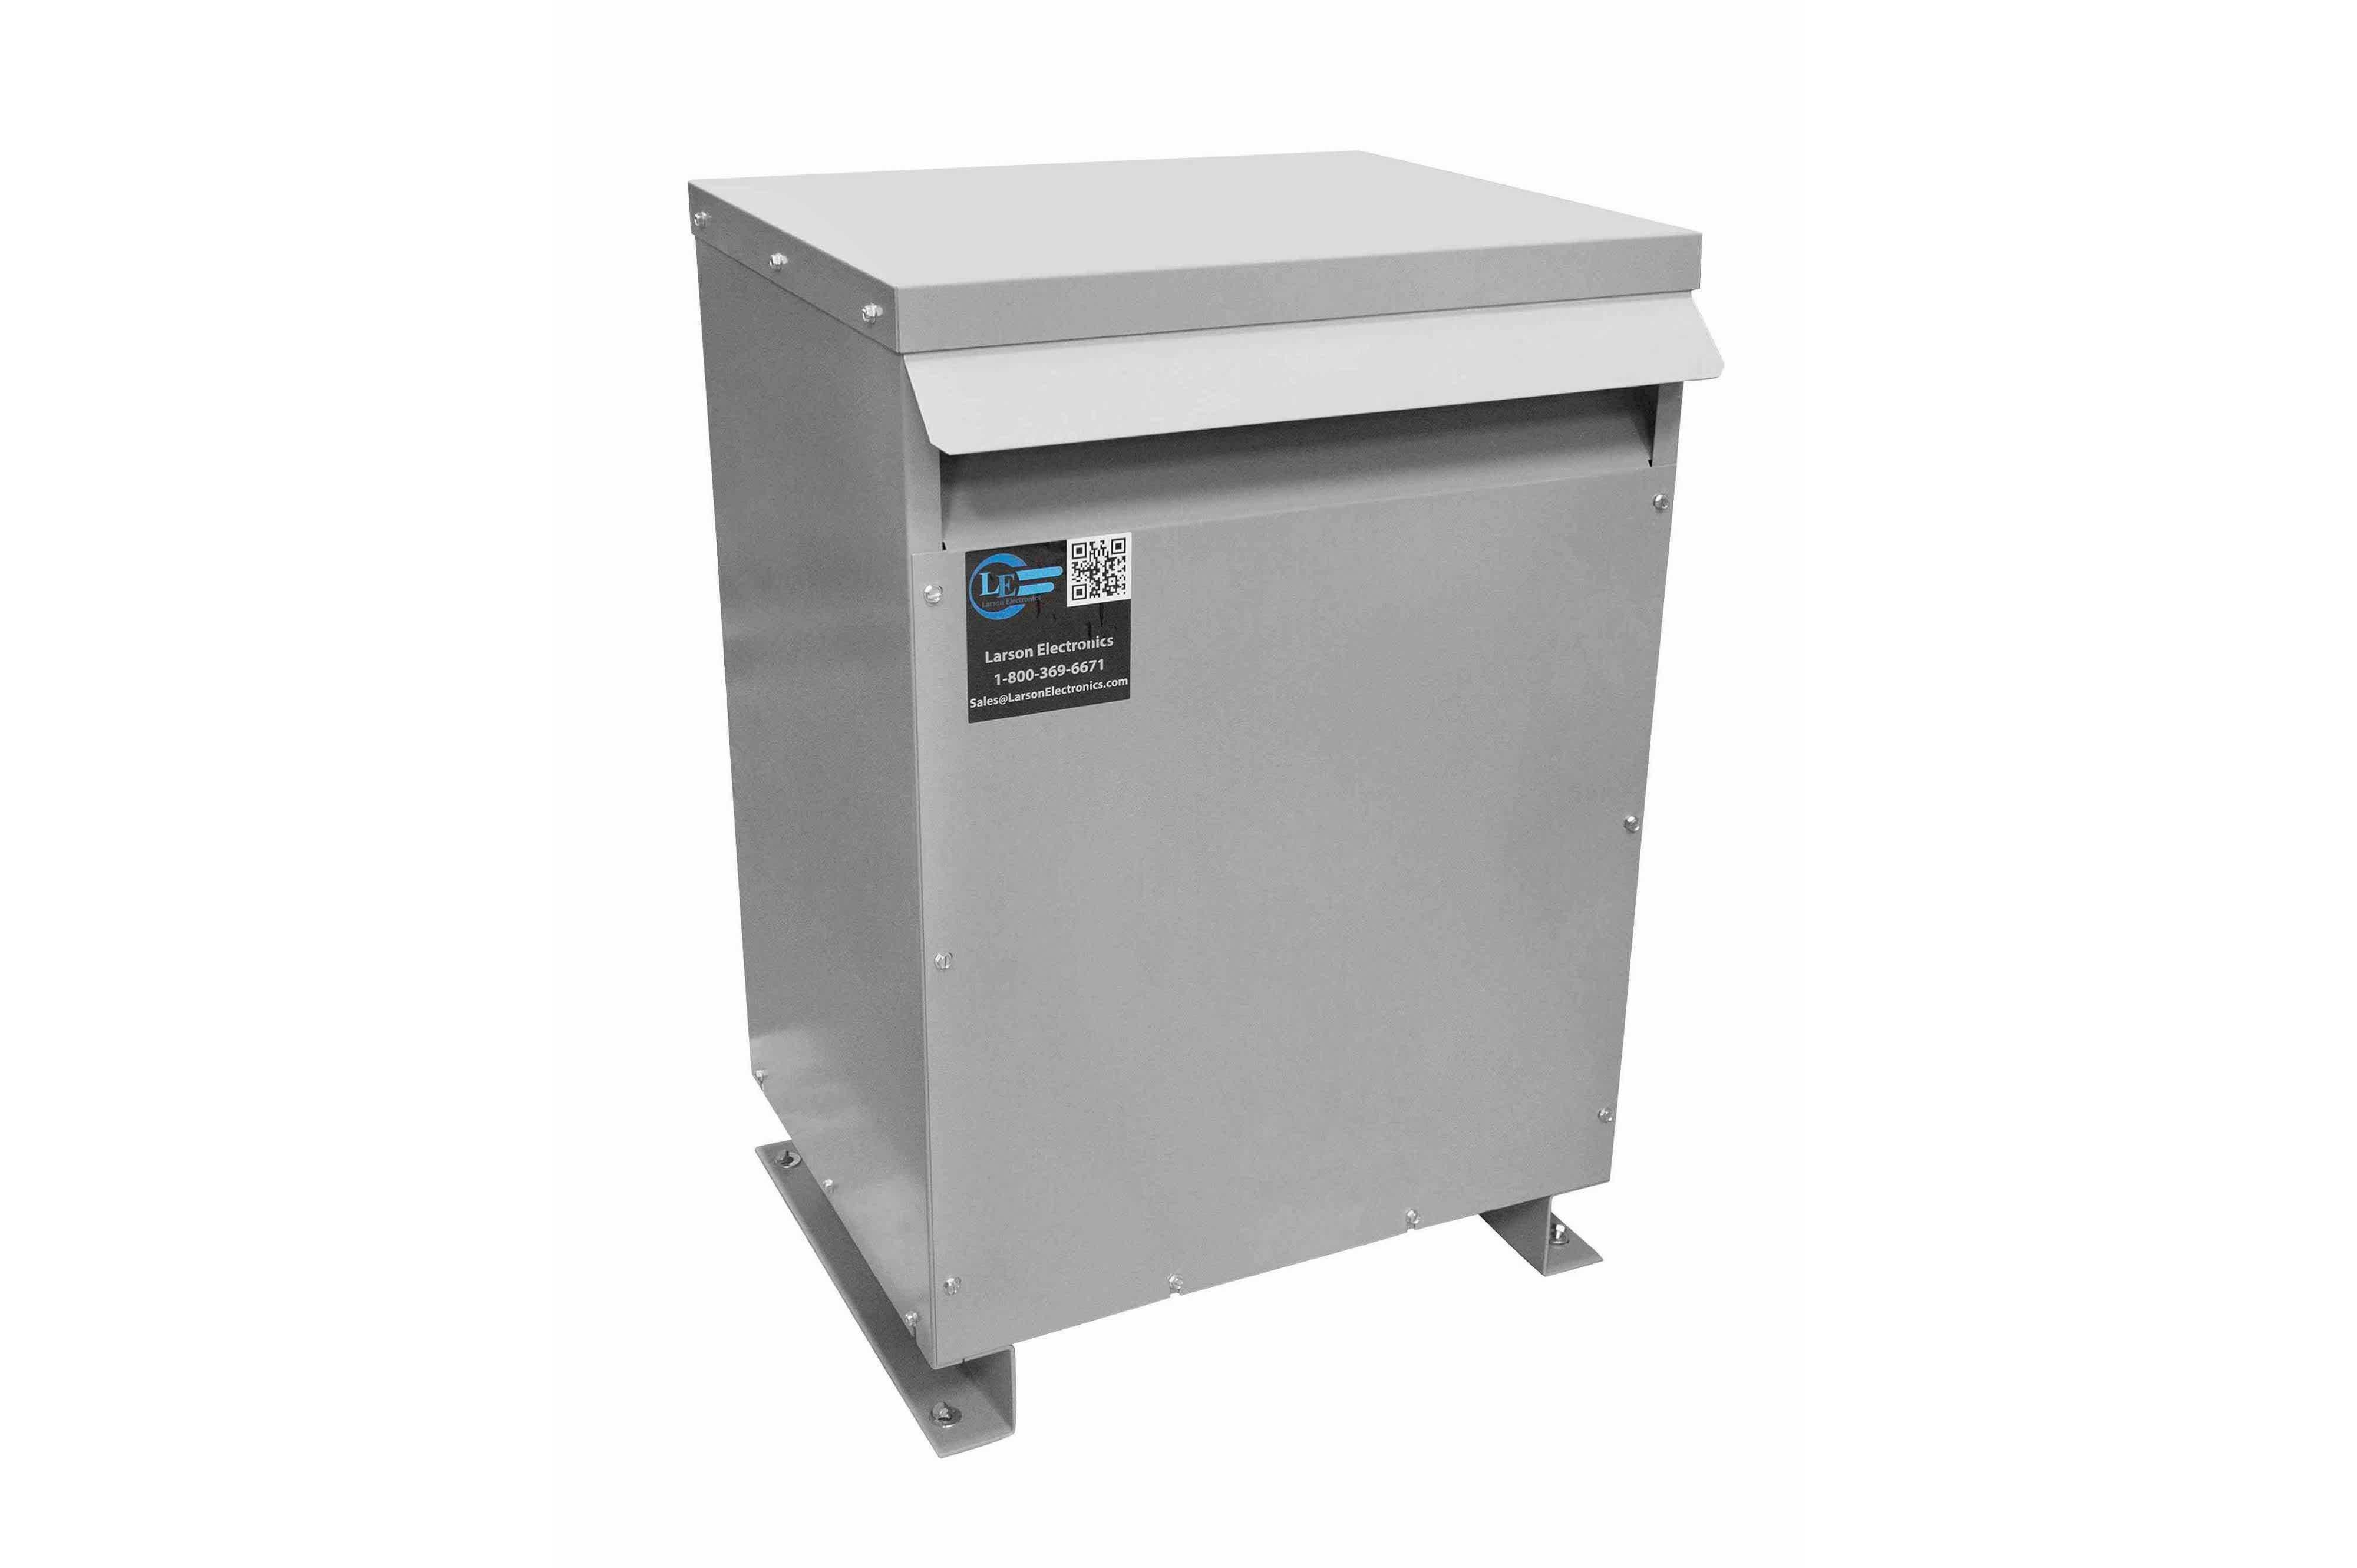 110 kVA 3PH Isolation Transformer, 480V Delta Primary, 600V Delta Secondary, N3R, Ventilated, 60 Hz